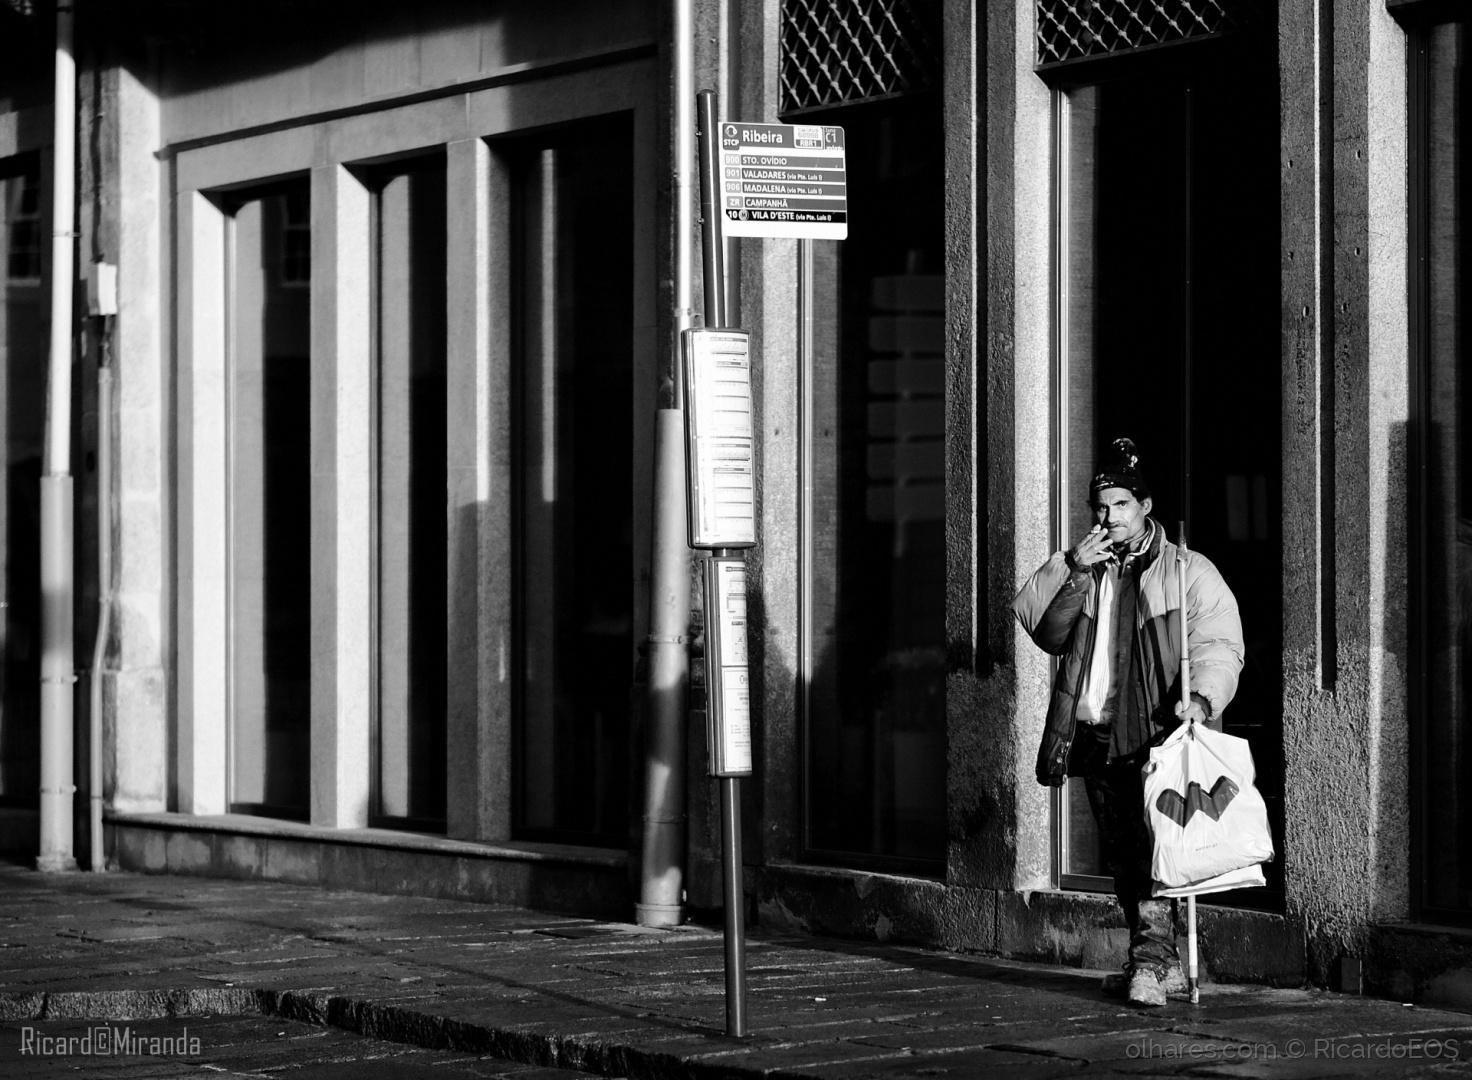 Gentes e Locais/Waiting...